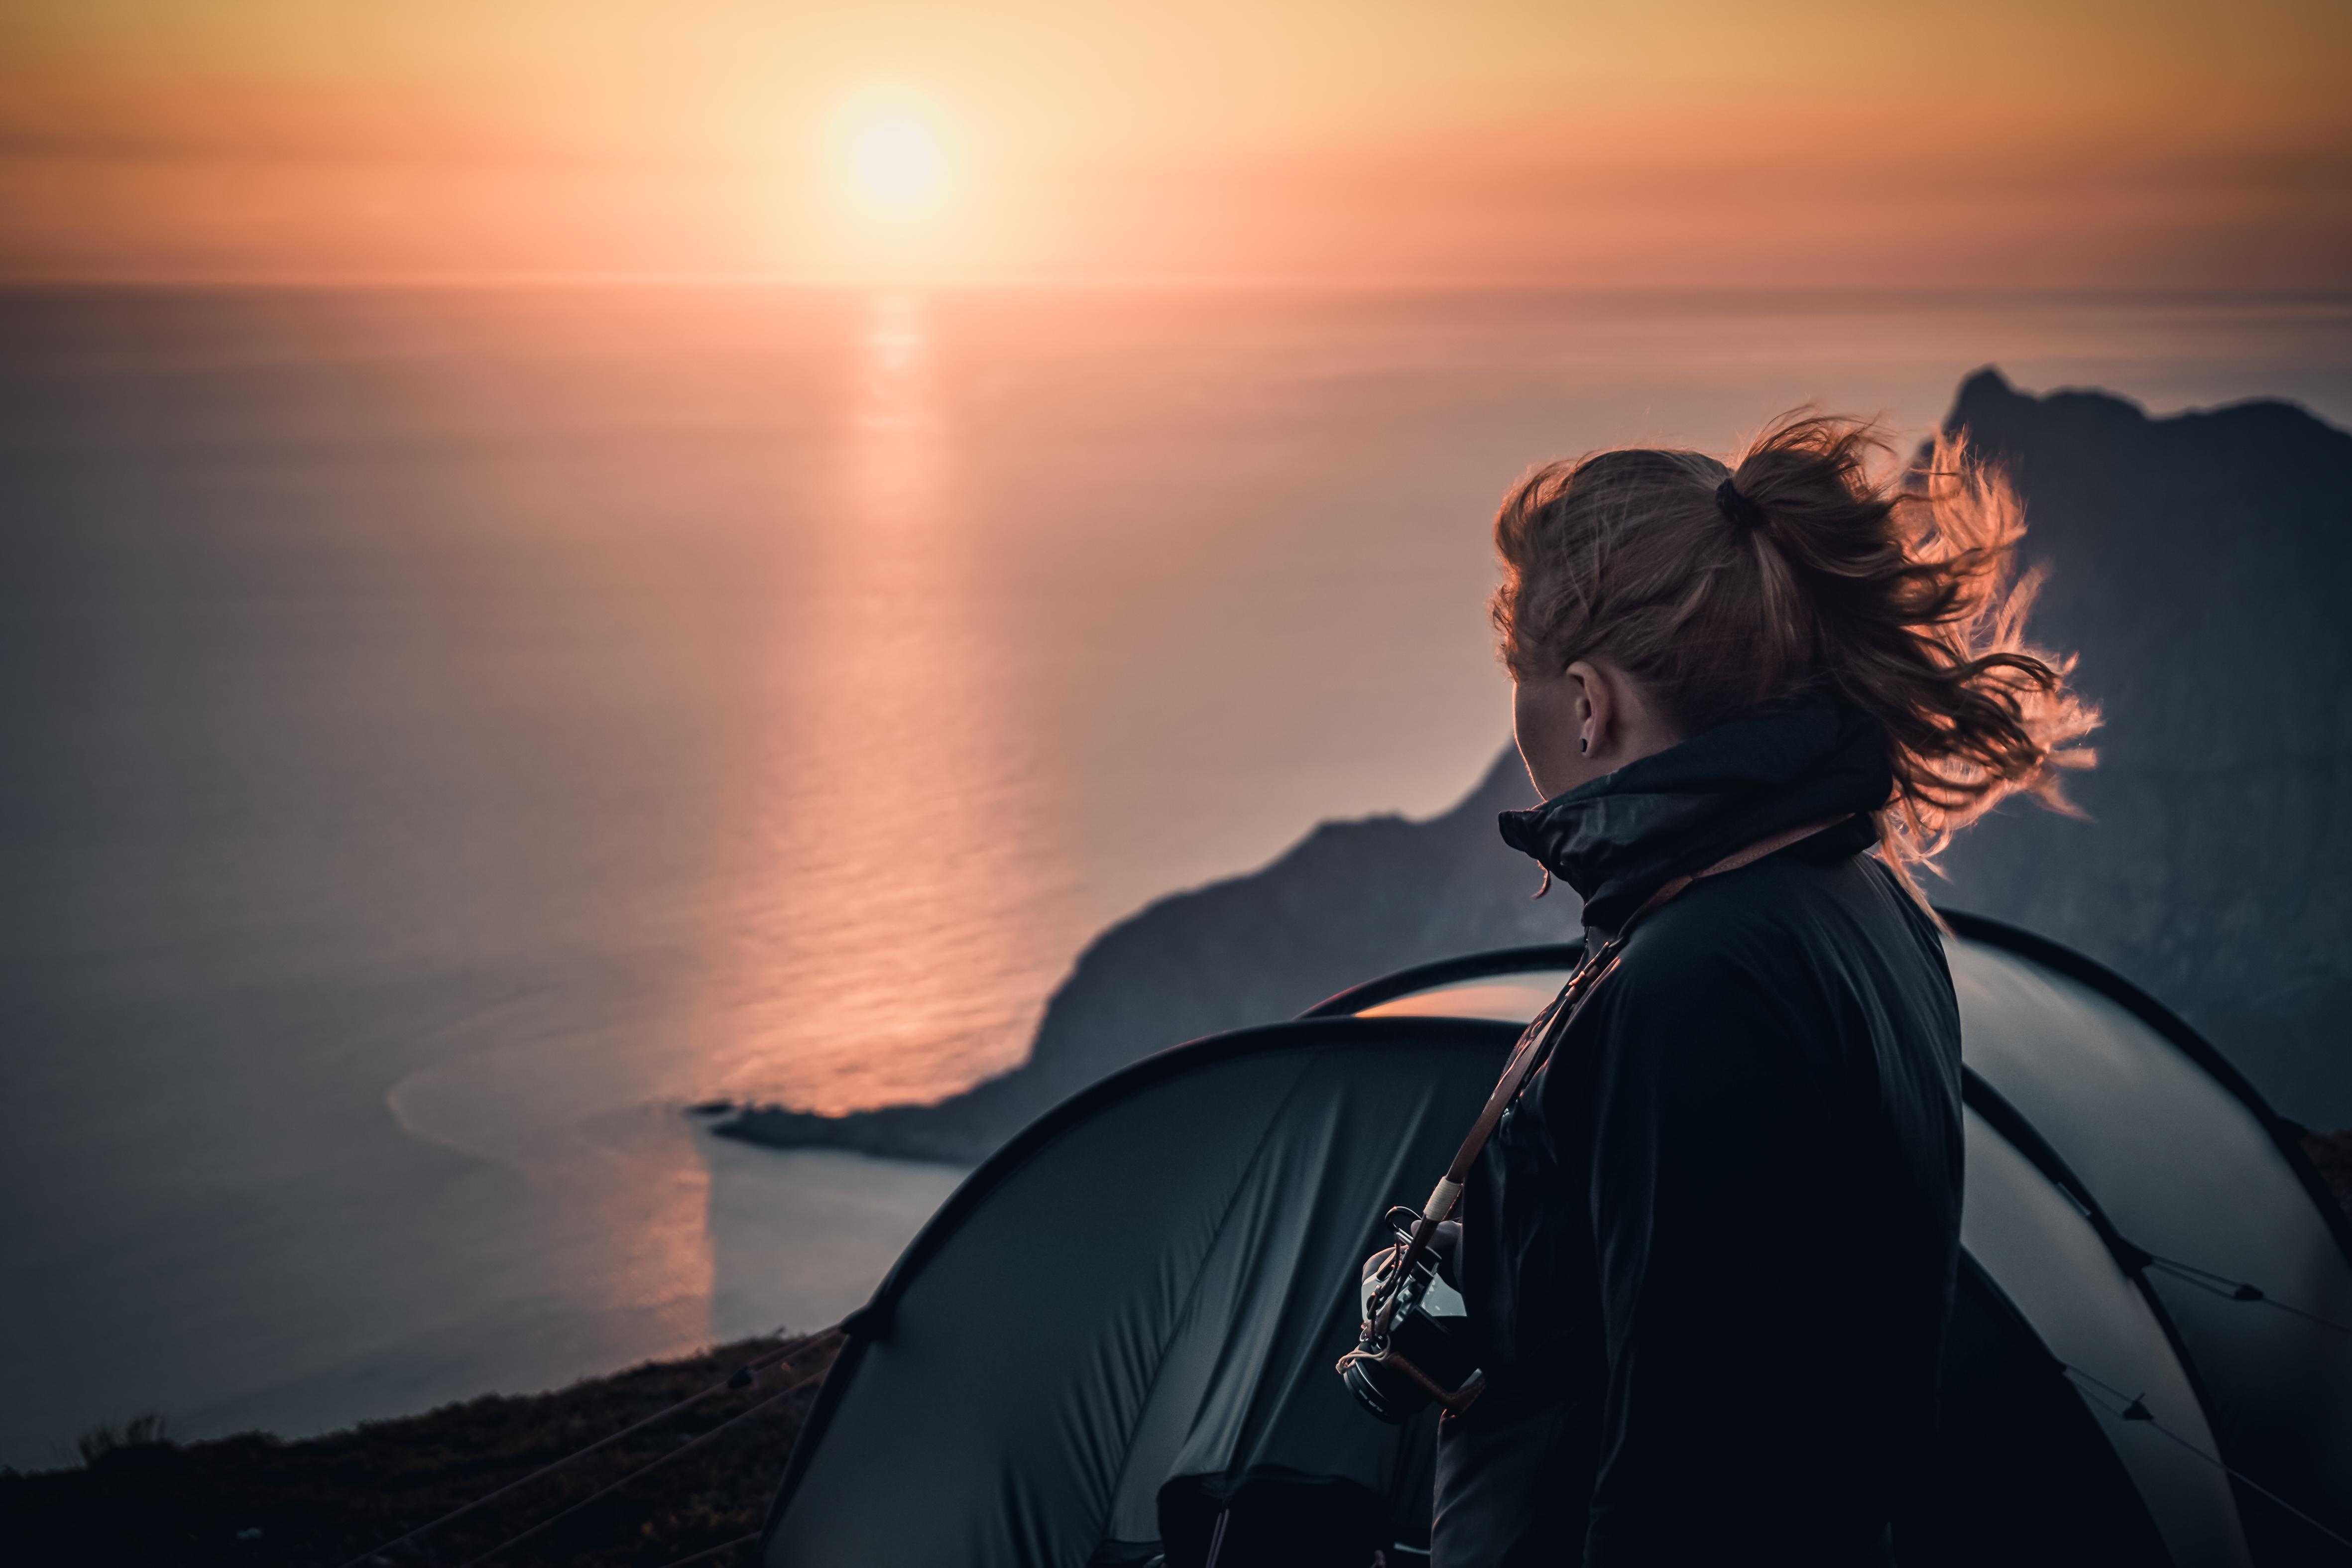 Missa inget på resan: 6 enkla steg för att planera dina resor